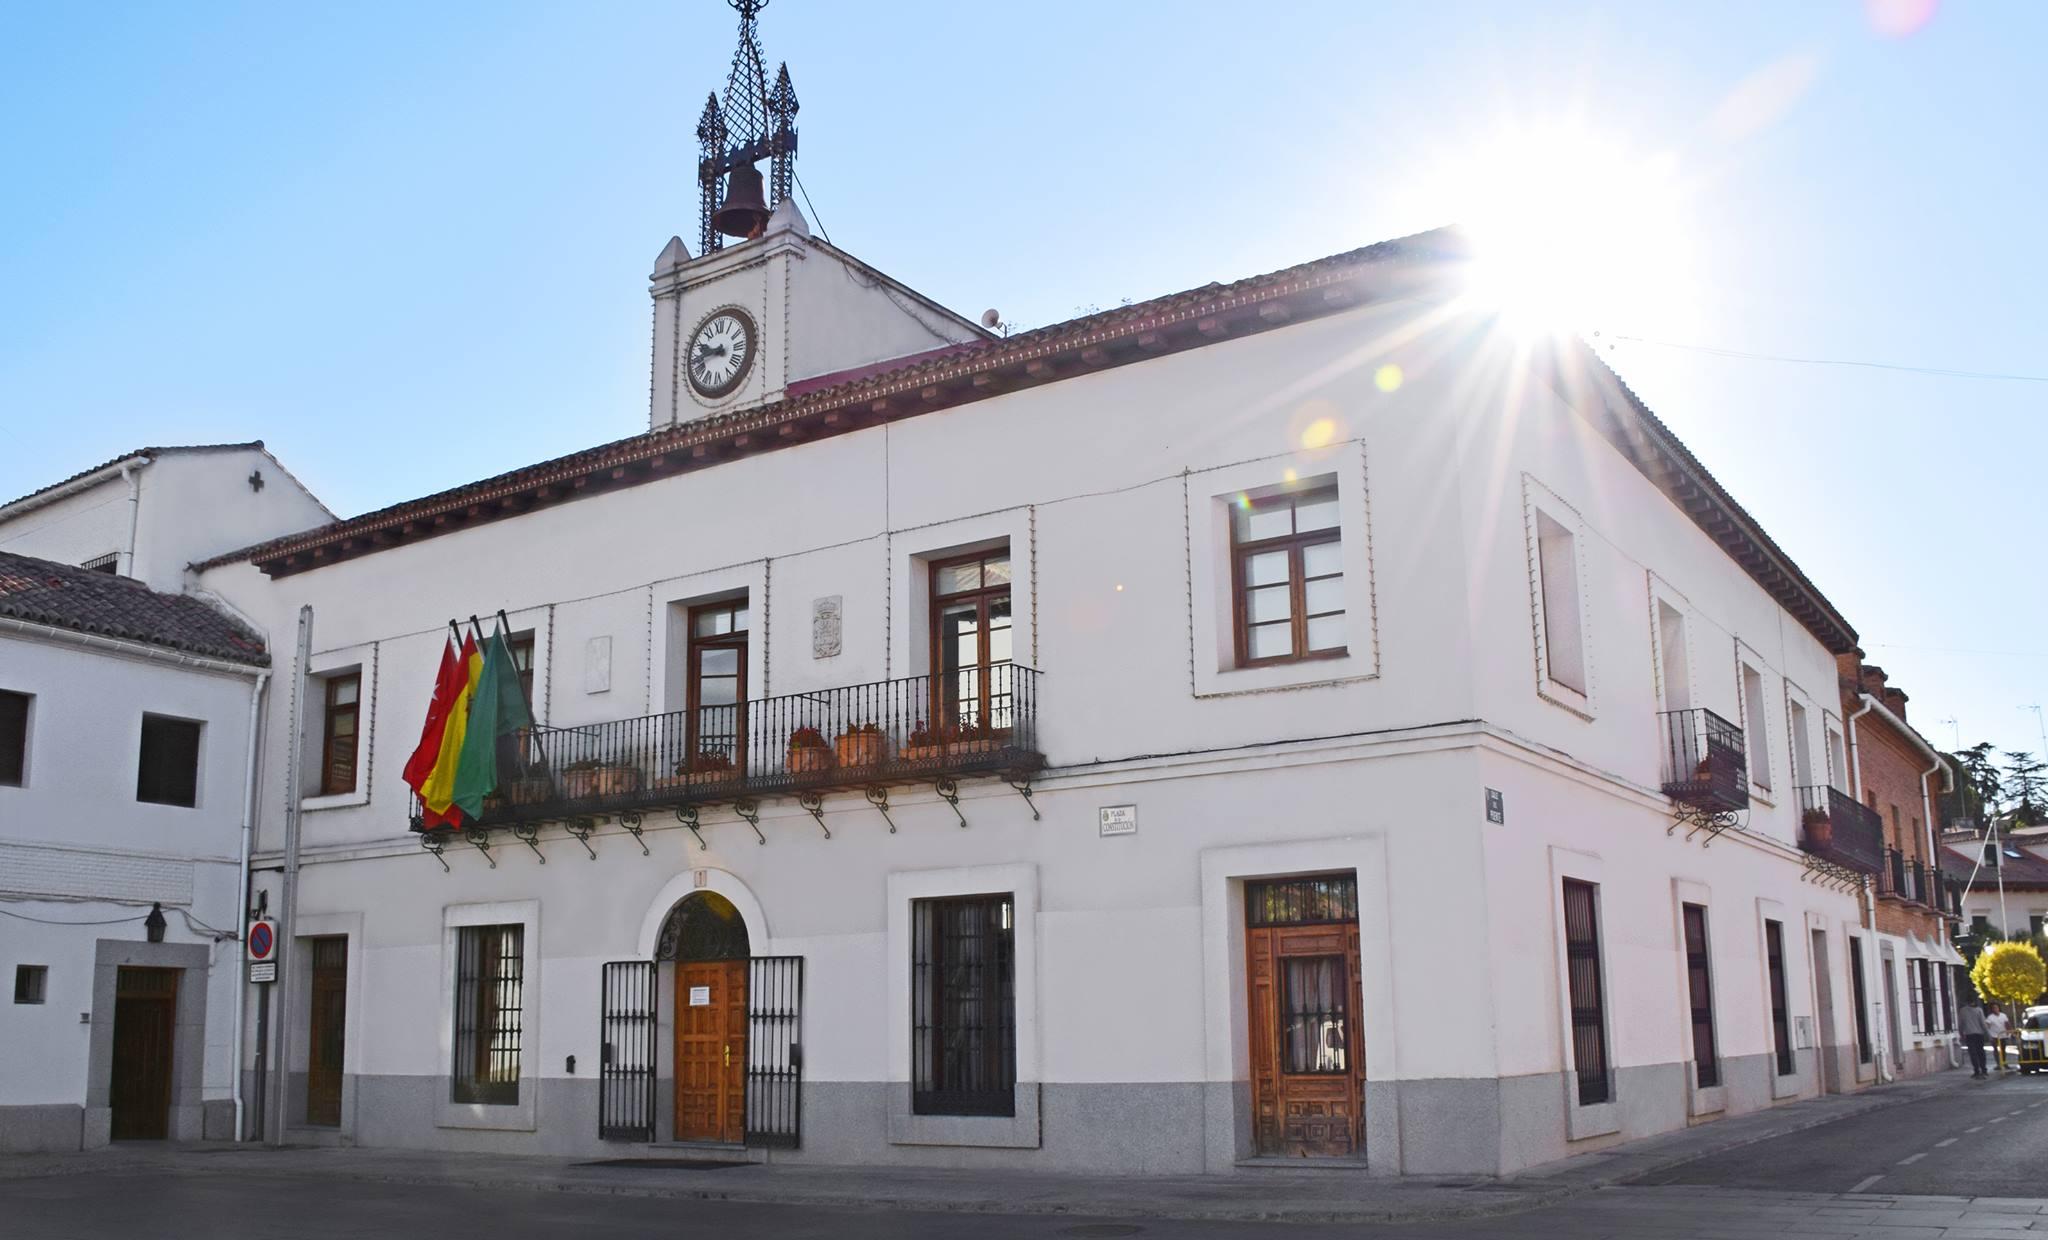 Texto Alternativo: Hoy las dependencias municipales permanecerán cerradas por festividad local